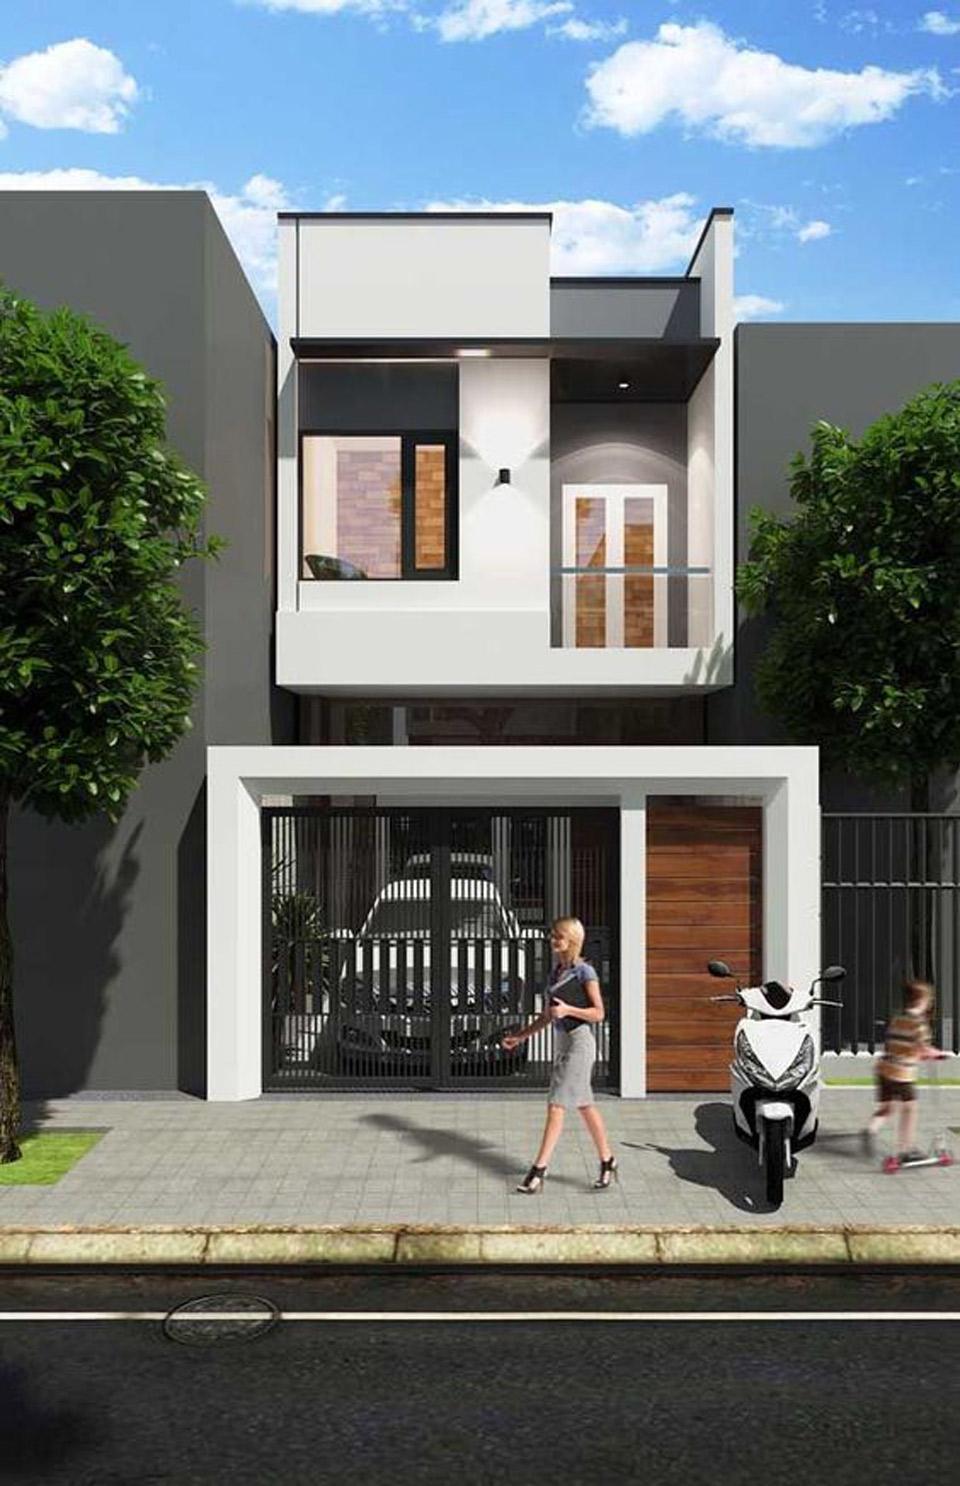 Thiet Ke Nha 2 Tang Don Gian Ben Dep 8-Mẫu xây nhà 2 tầng mái bằng đẹp